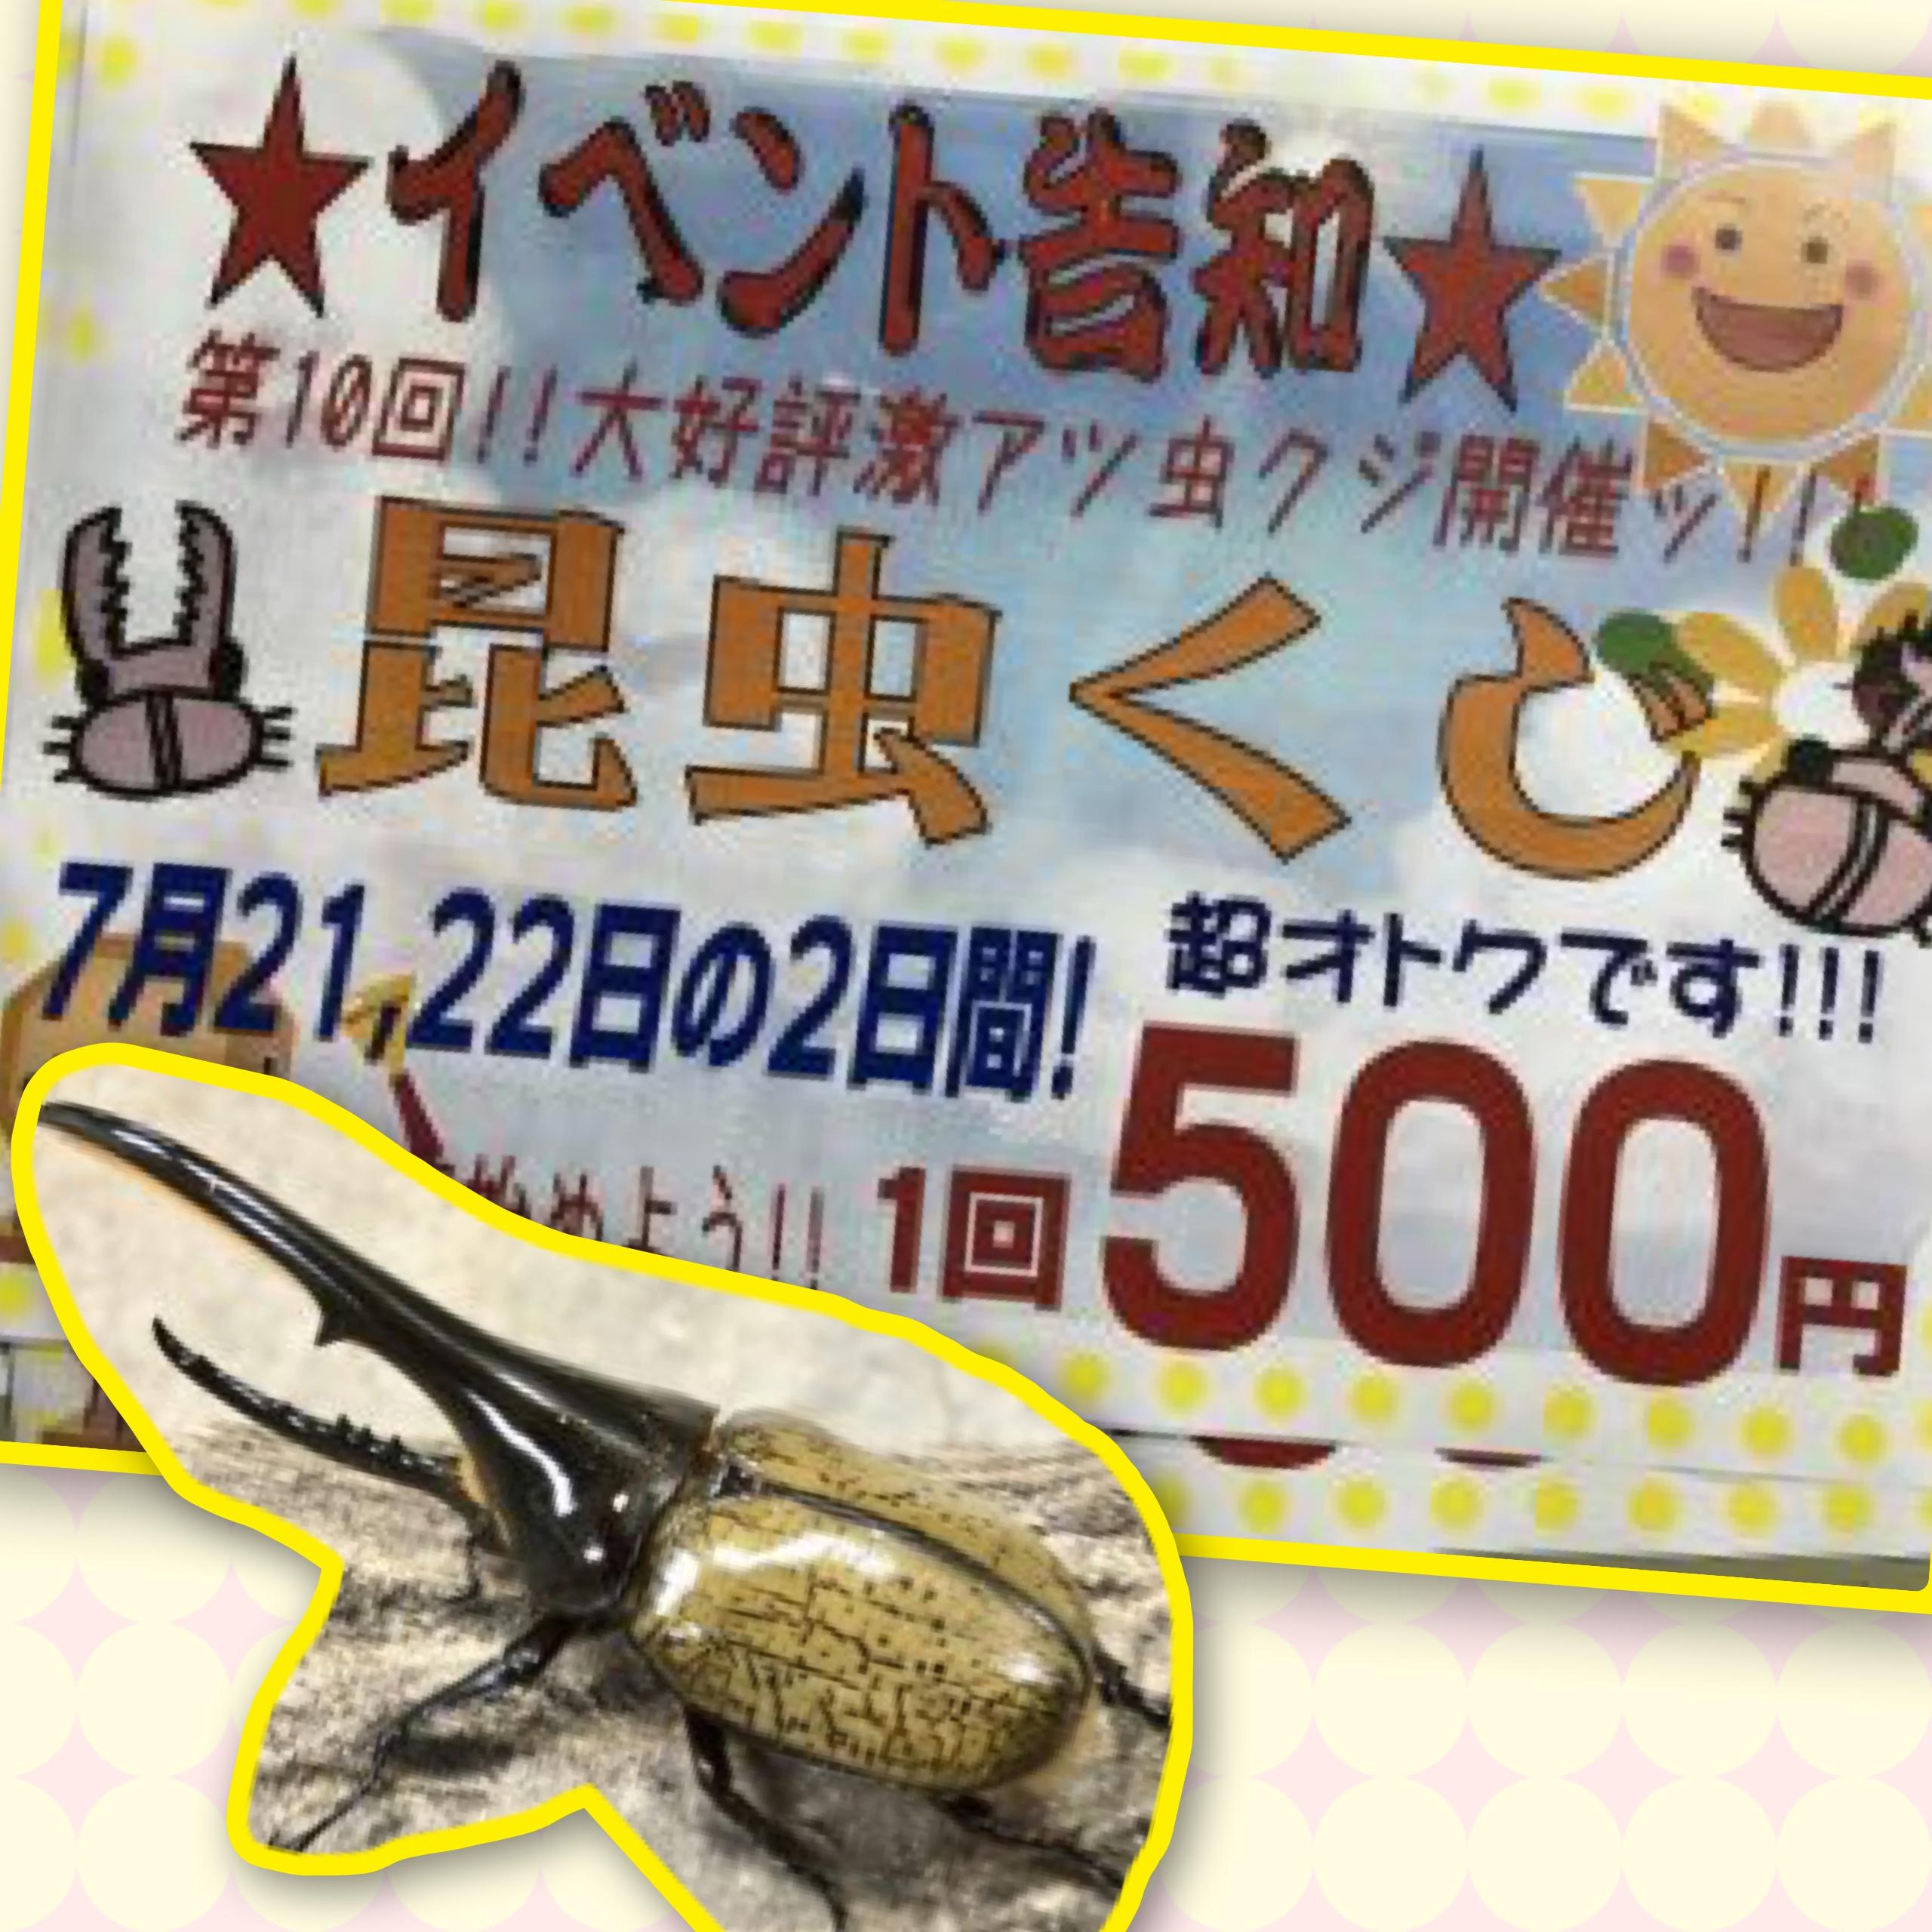 【インター小動物】昆虫クジは明日、日曜日まで!!そして、カブクワの入荷は続く、、、